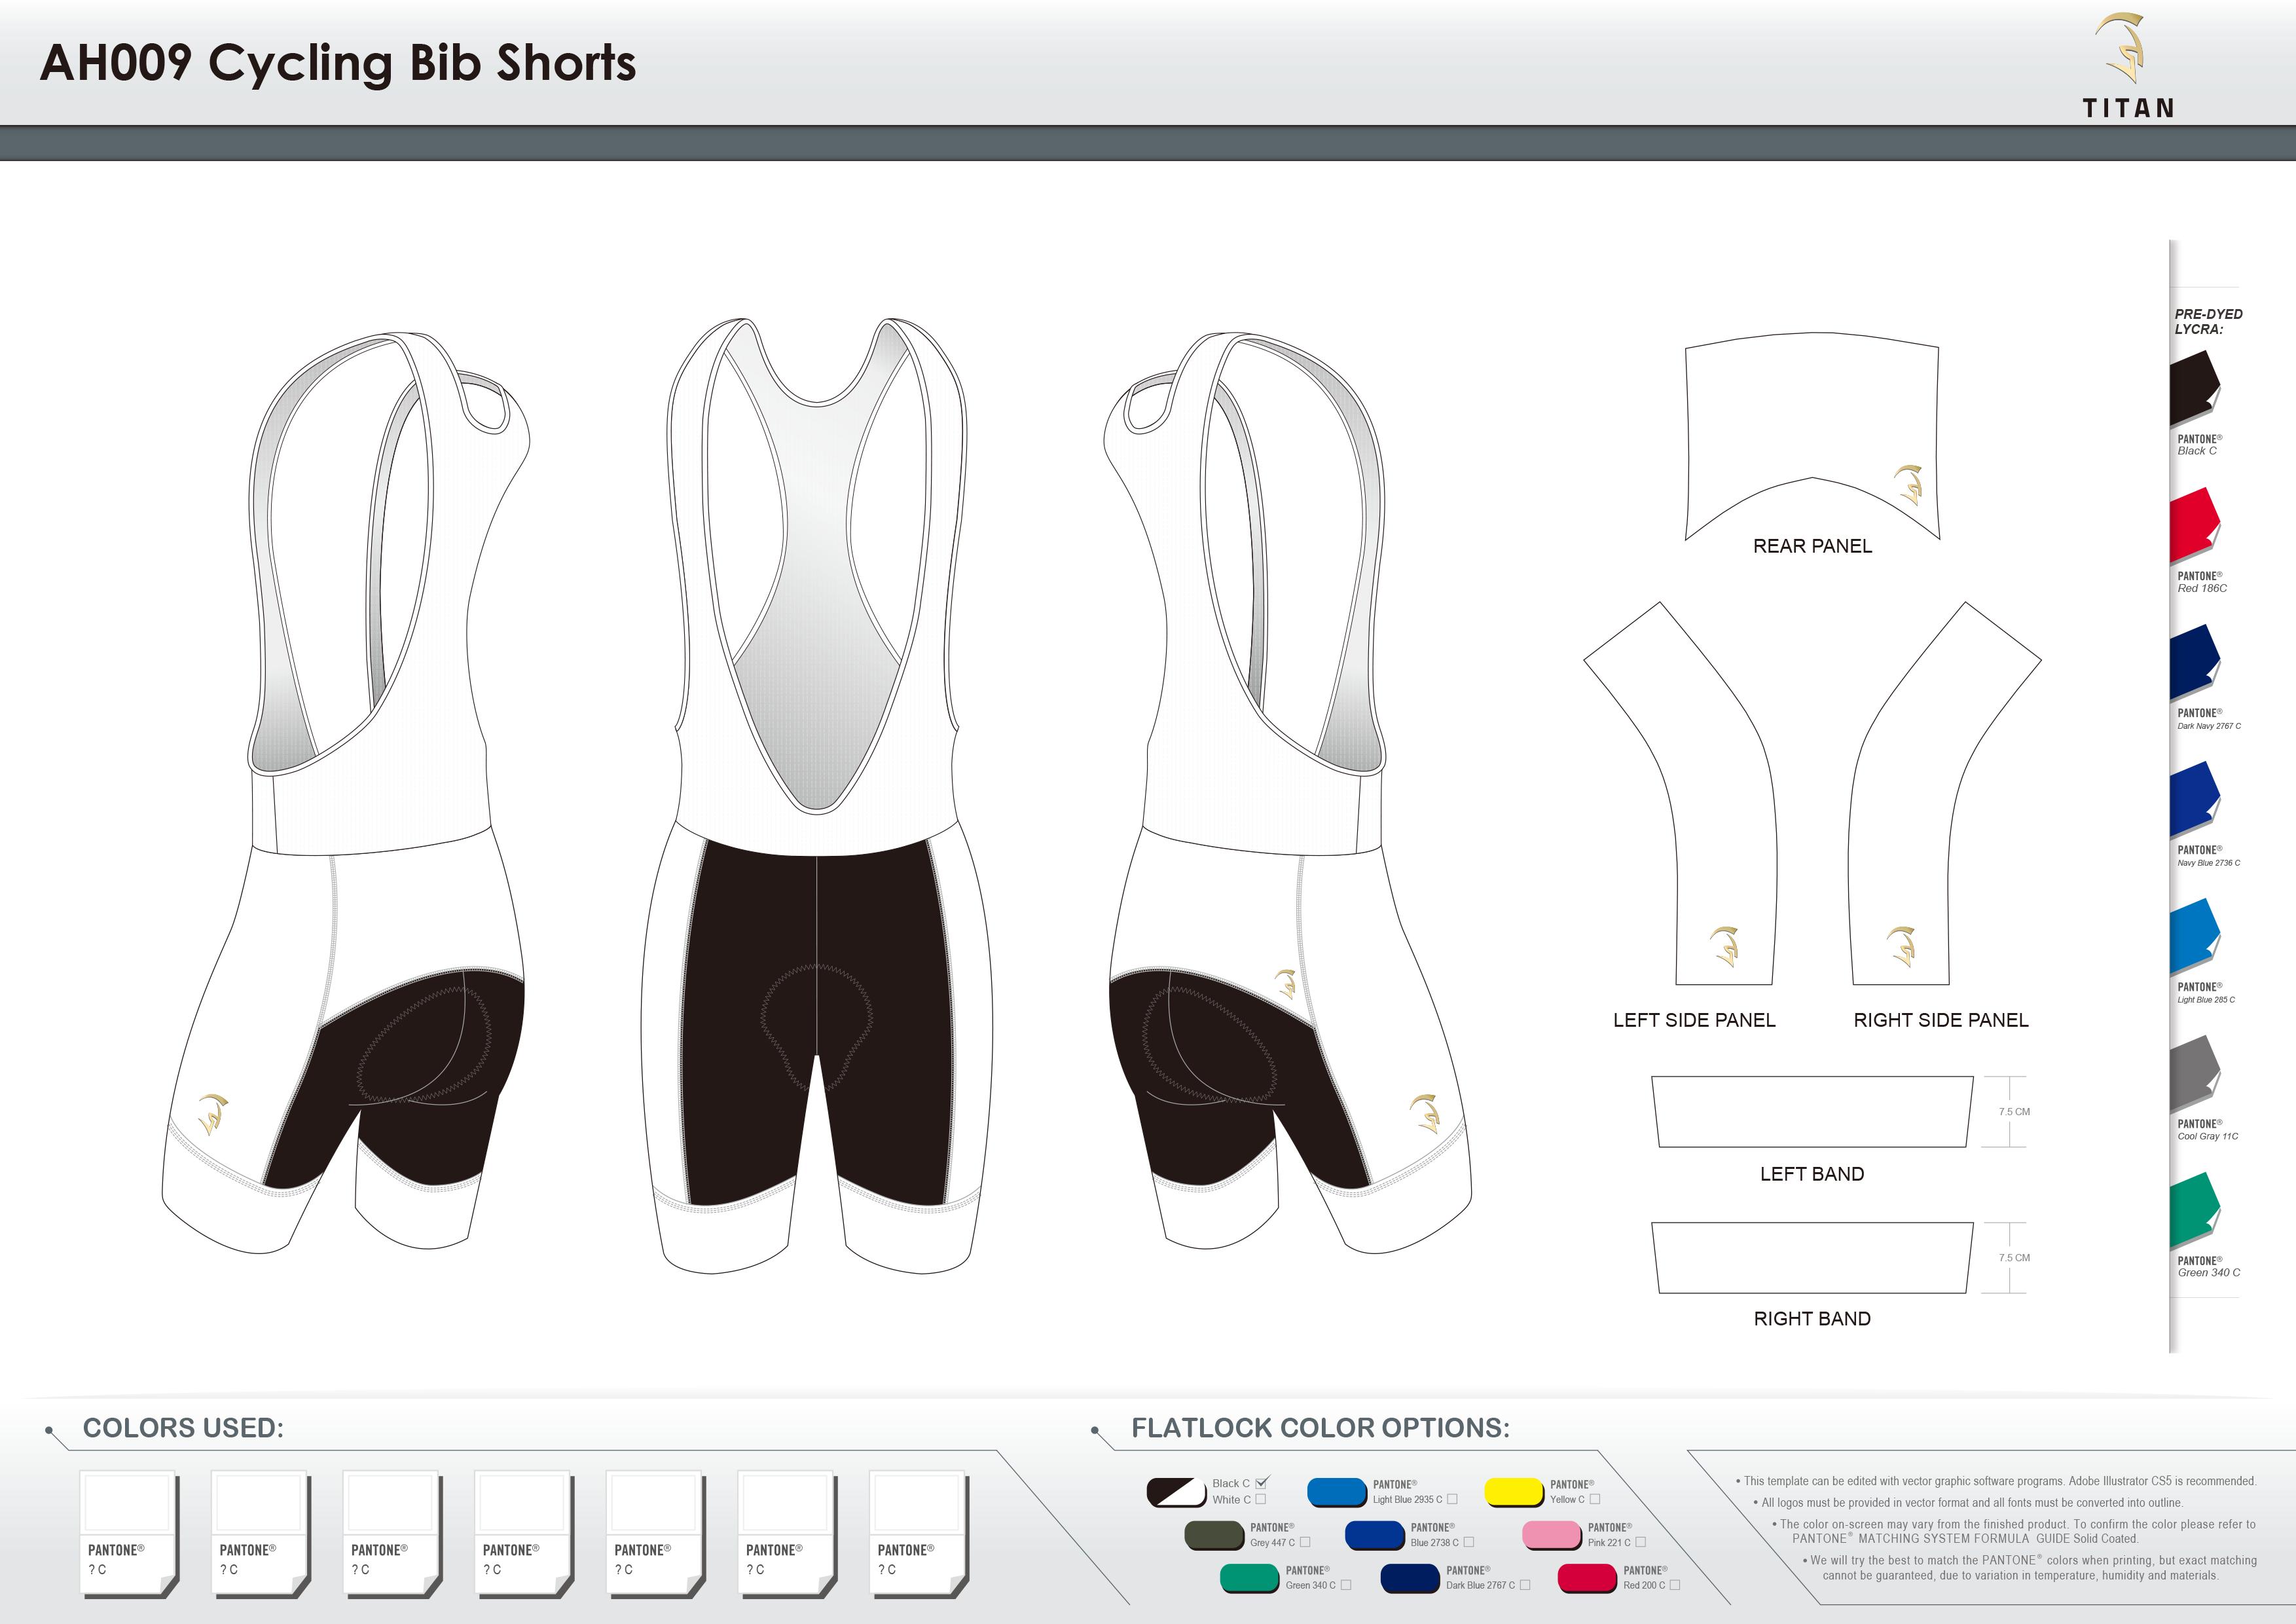 AH009 Cycling Bib Shorts